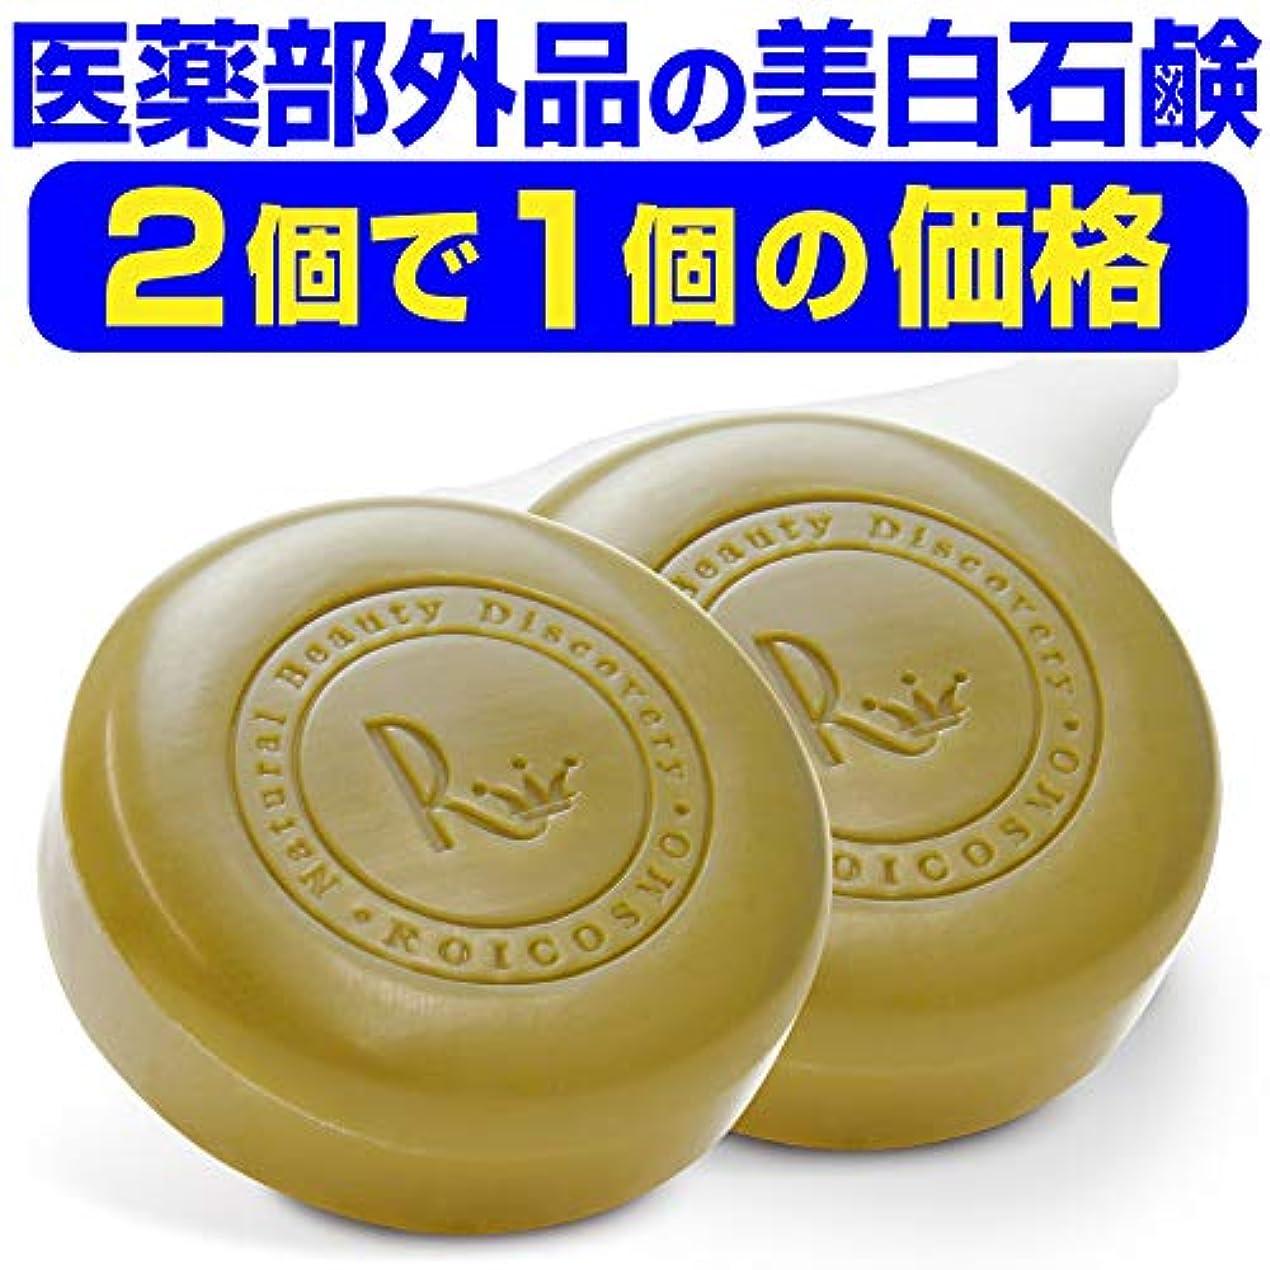 規則性小屋コミュニティ2個まとめ買い9%OFF 美白石鹸/ビタミンC270倍の美白成分配合の 洗顔石鹸 固形『ホワイトソープ100g×2個』